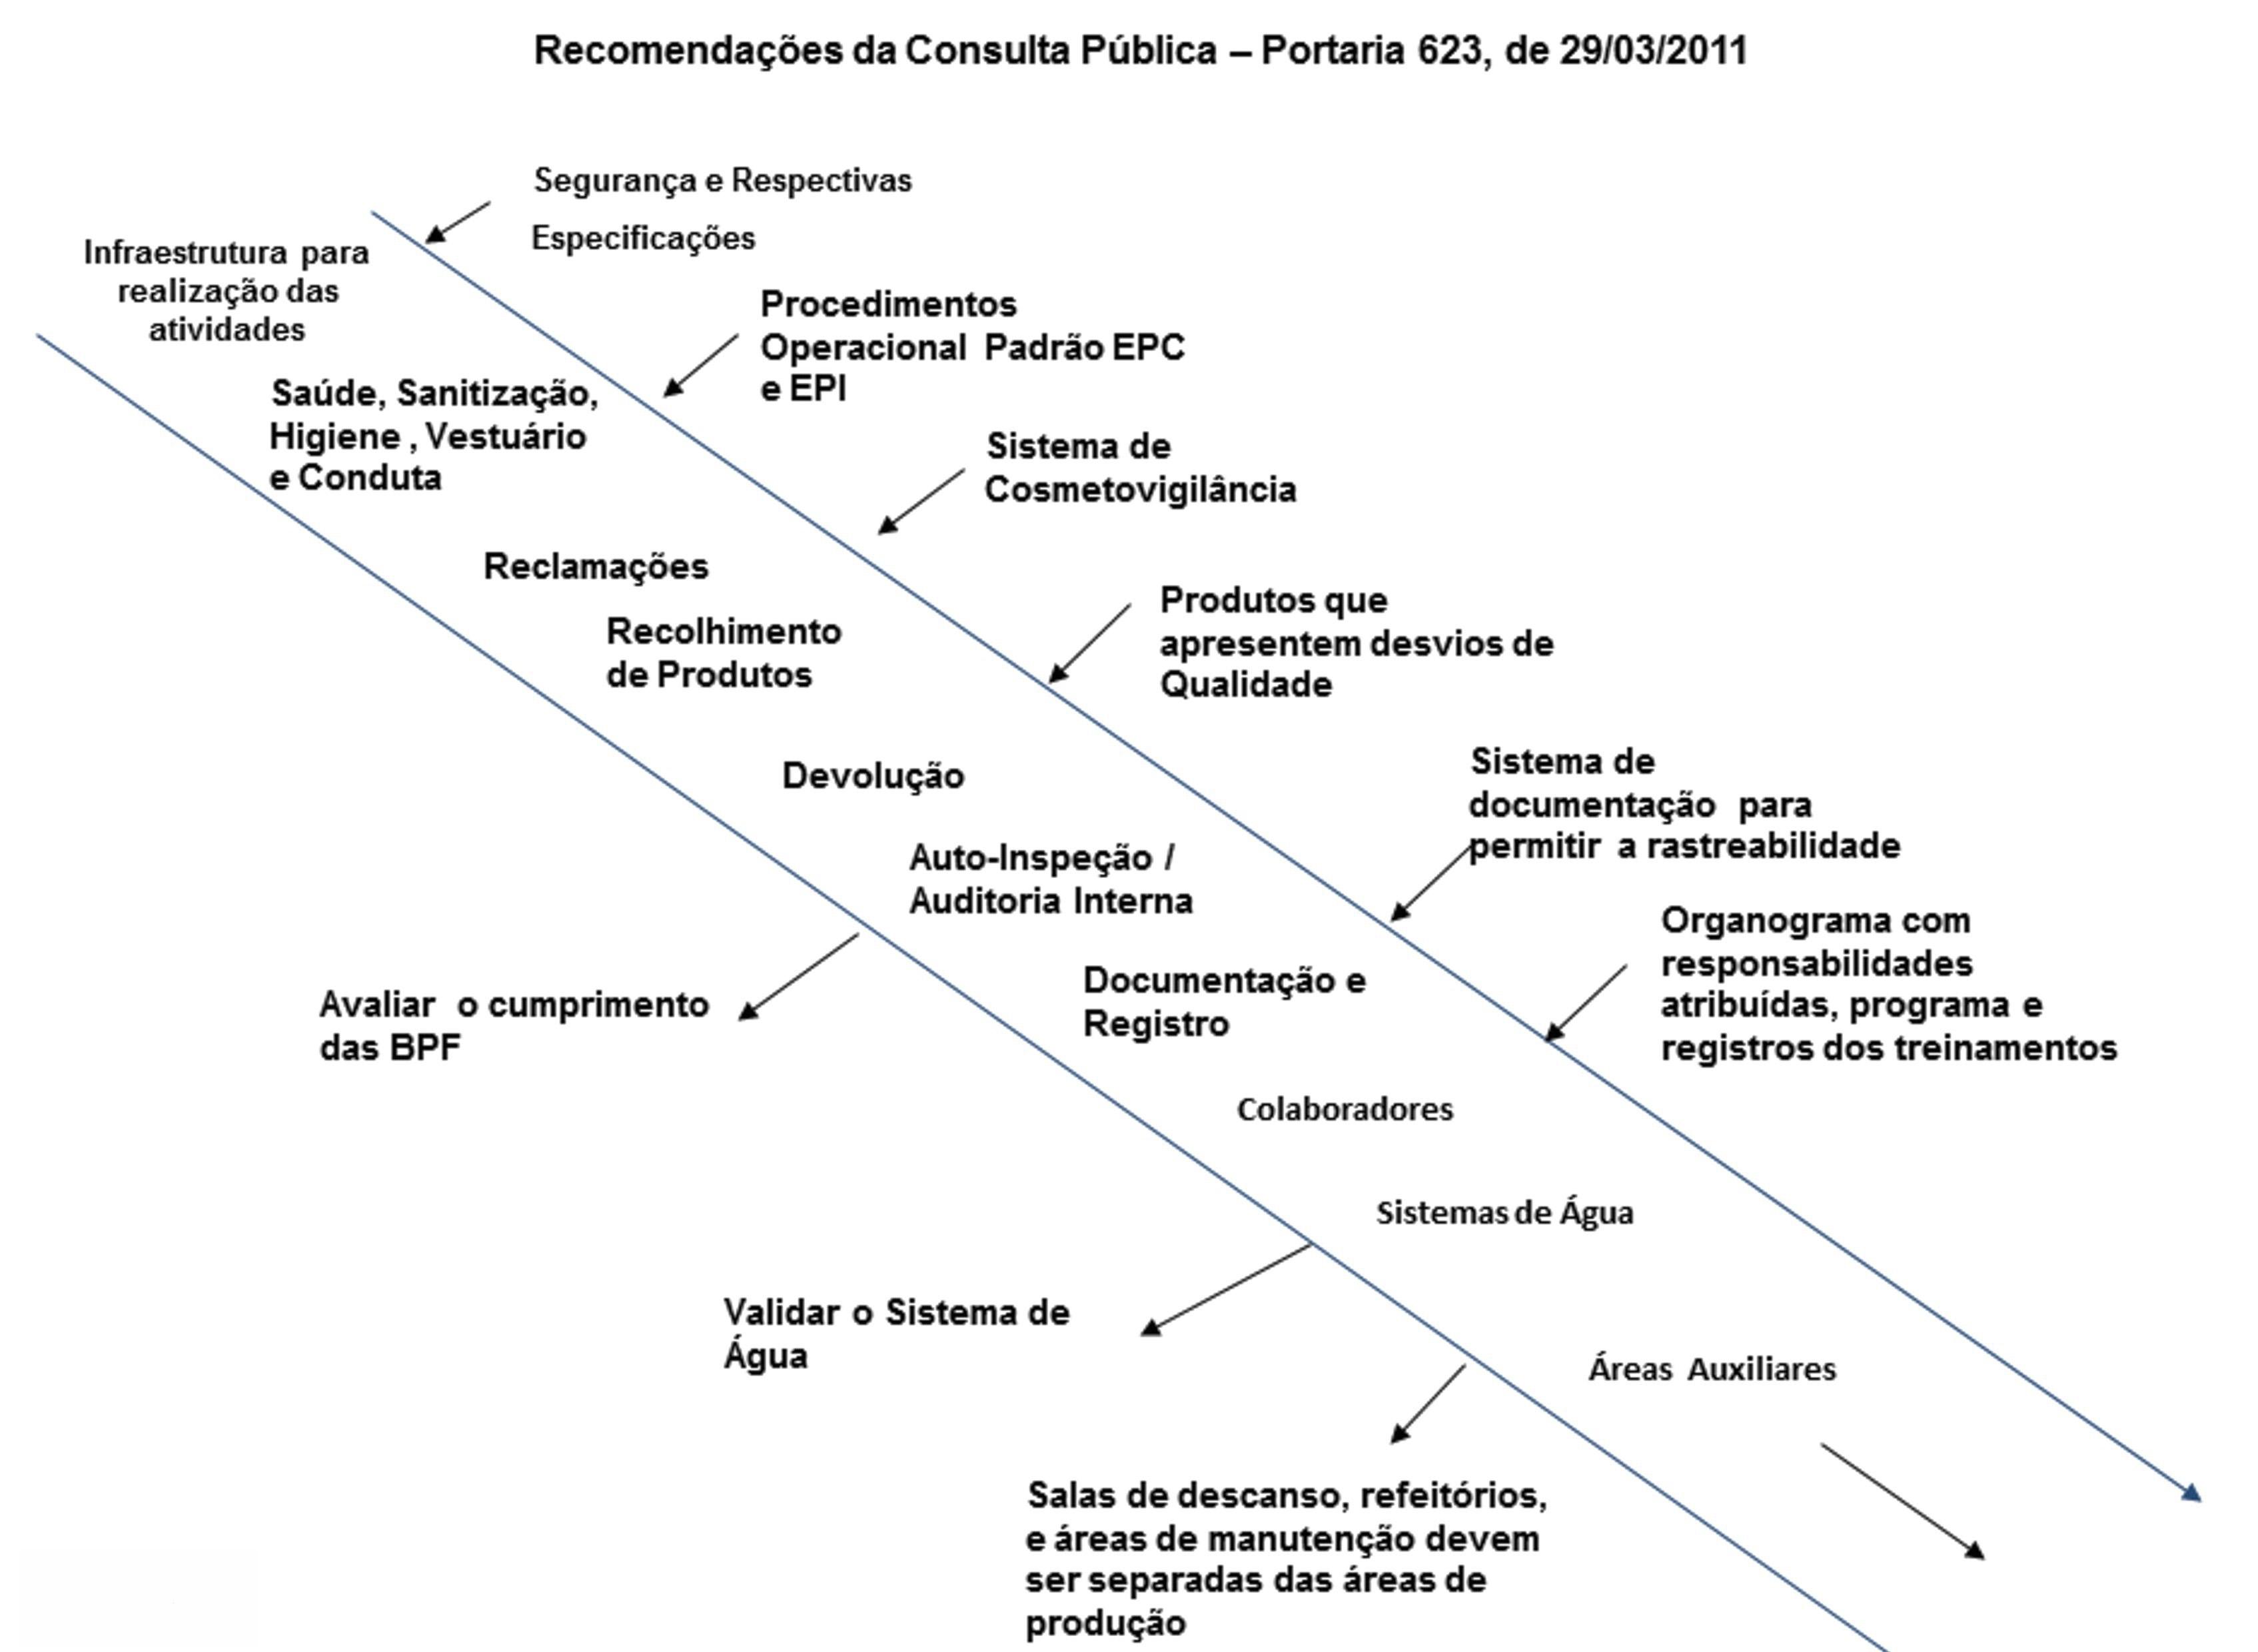 http://boaspraticasnet.com.br/wp-content/uploads/2013/06/Figura-11.jpg